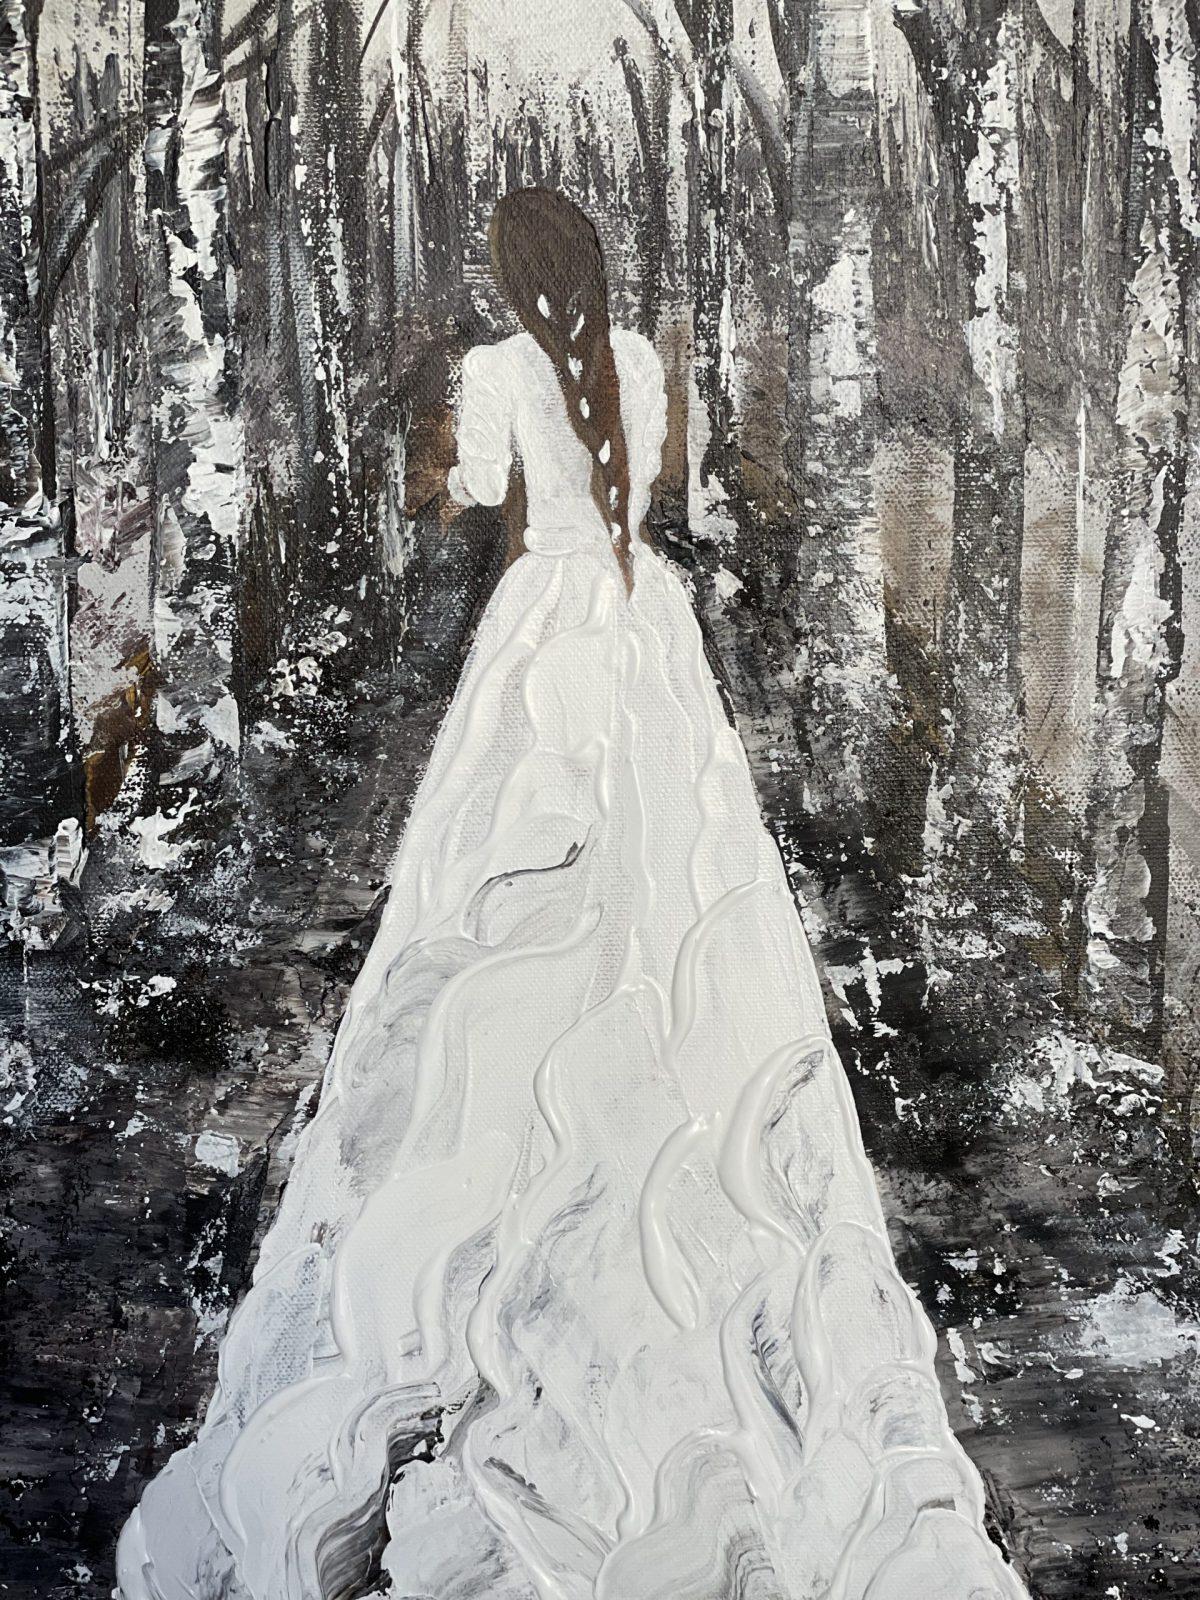 La mariée dans la forêt enneigée Kate_art Galerie, gros plan sur la mariée